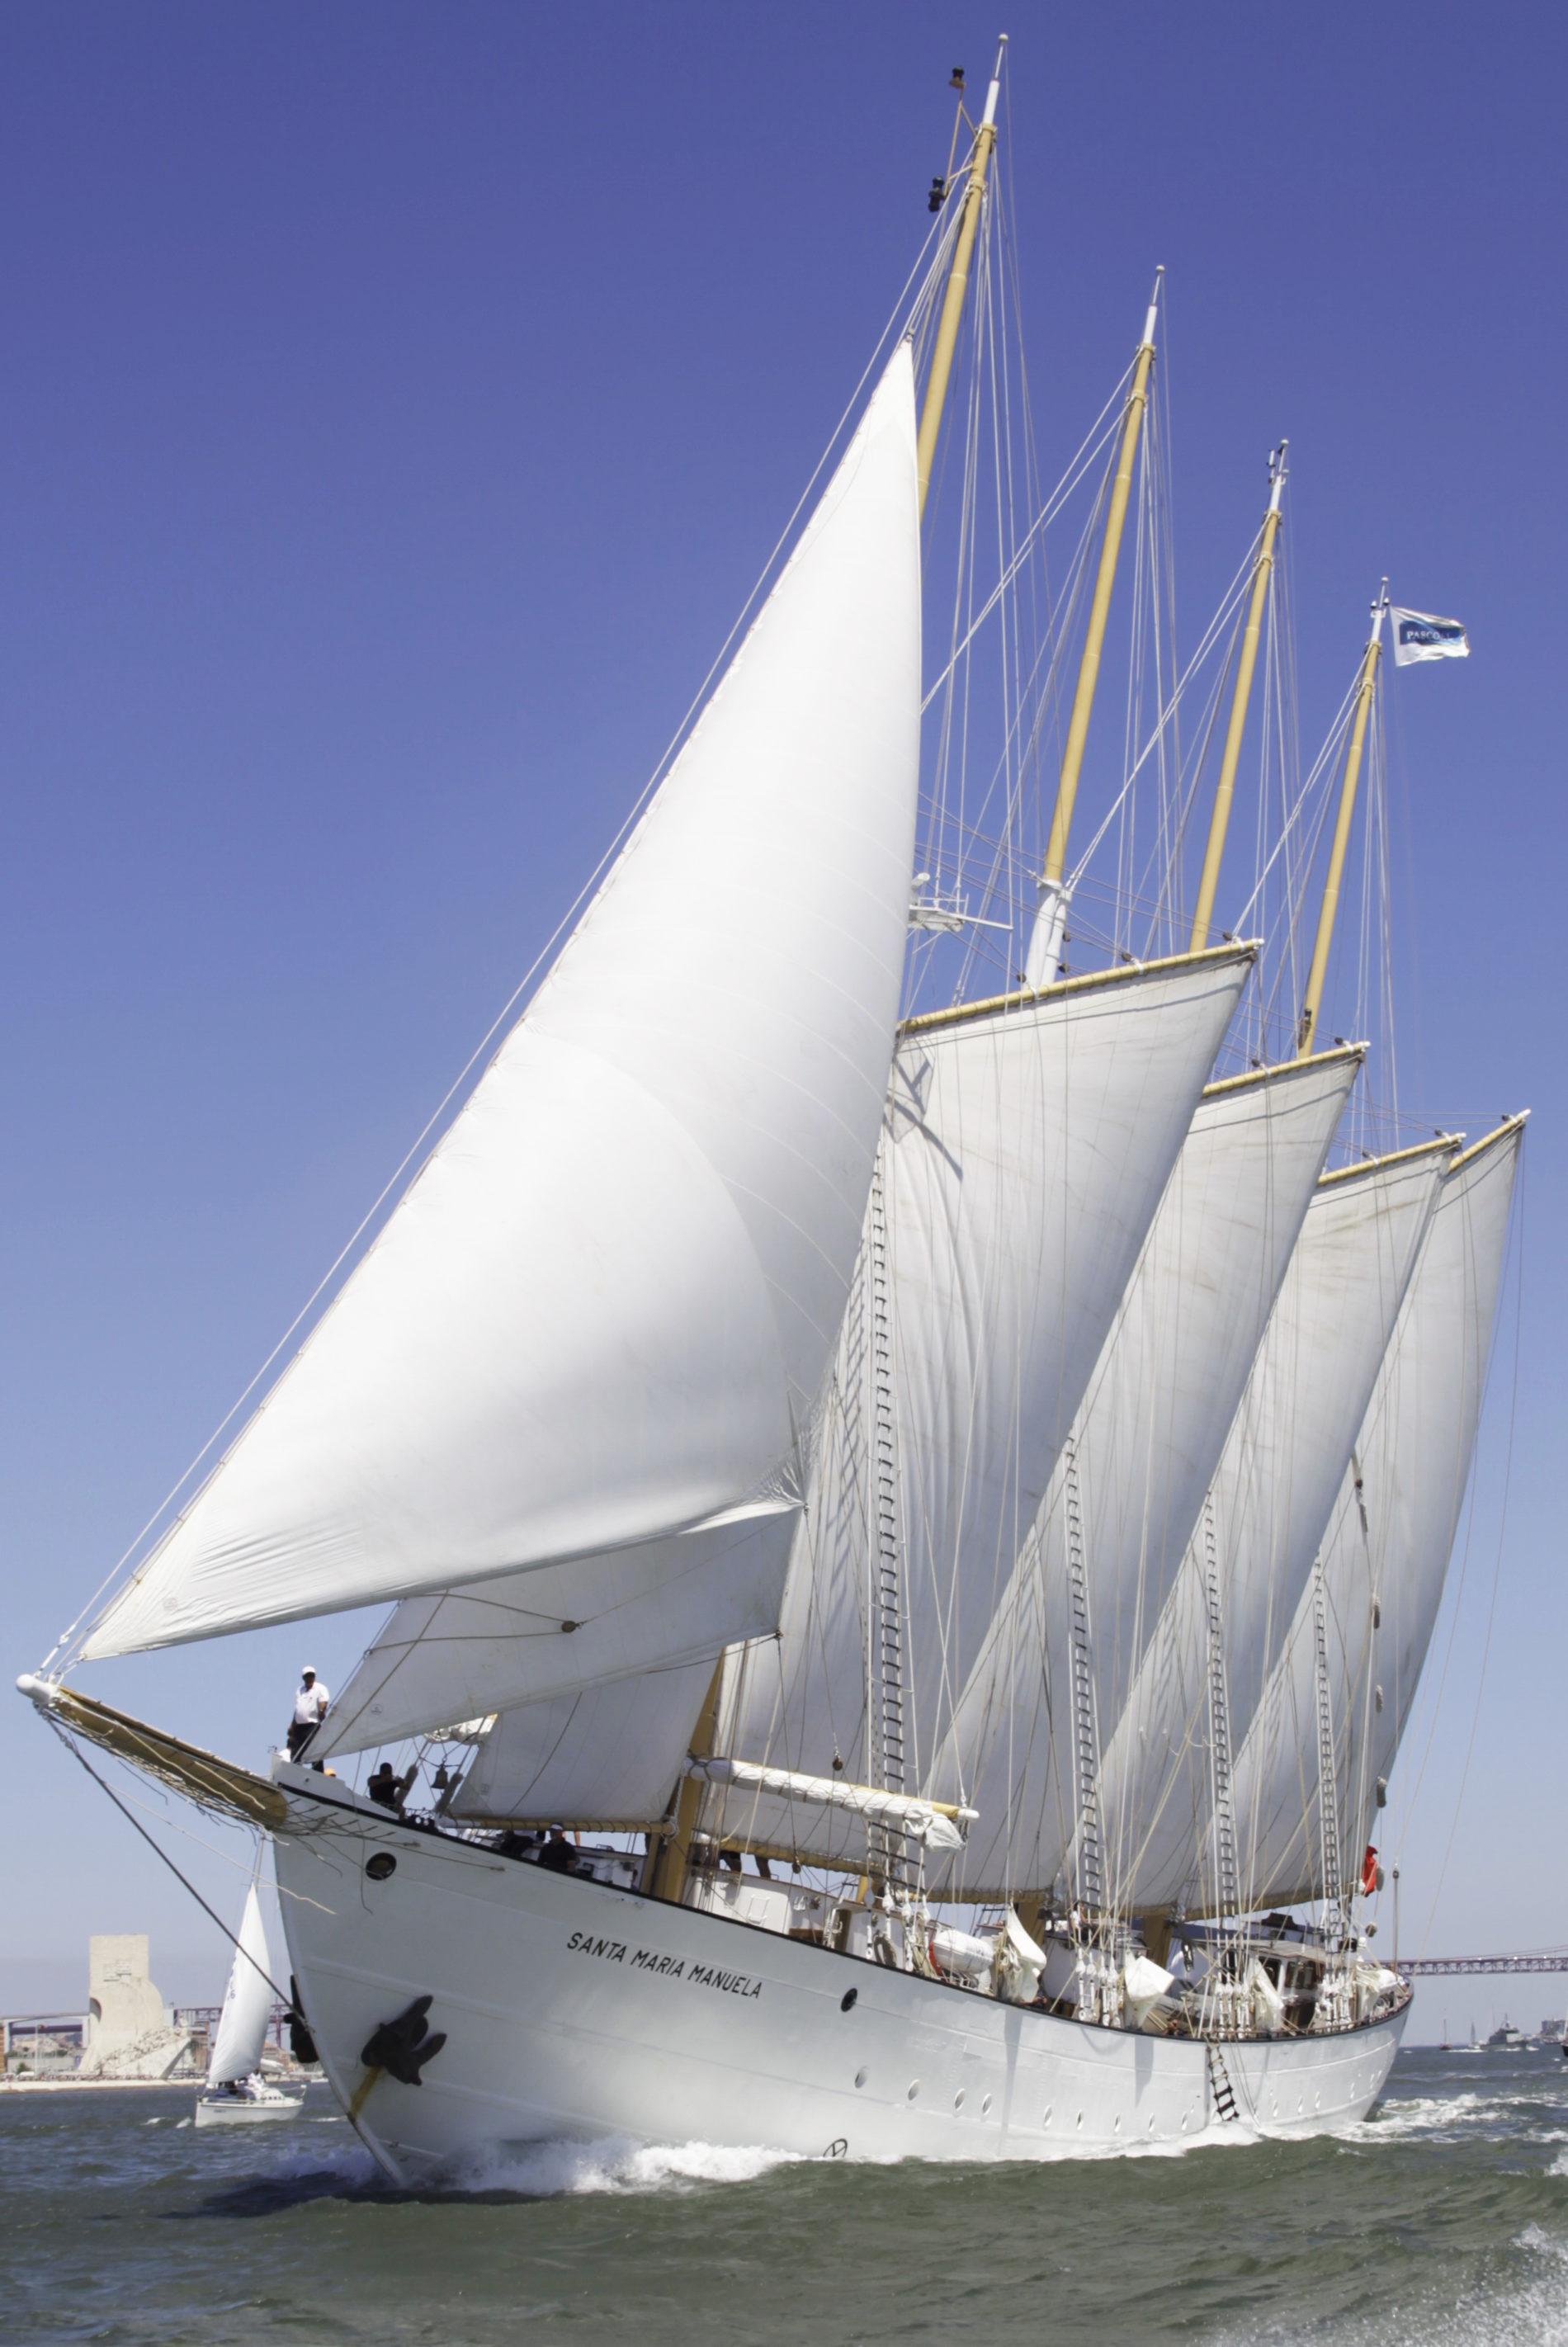 De zeilen van de Santa Maria Manuela vol wind tegen een mooie blauwe lucht